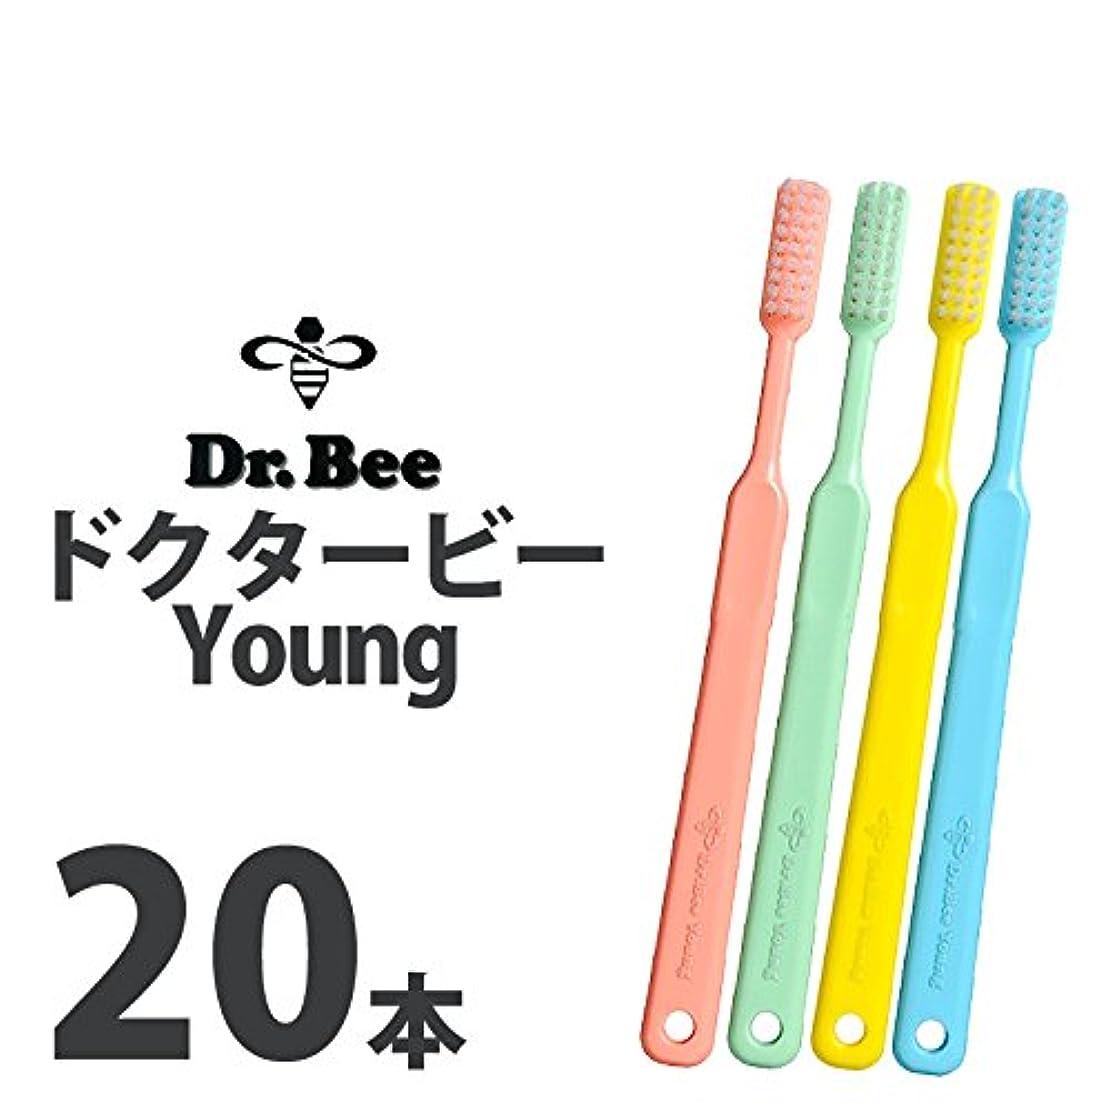 予防接種囲まれた発行ビーブランド ドクタービー Dr.Bee ヤング 4色アソート ソフト やわらかめ 20本